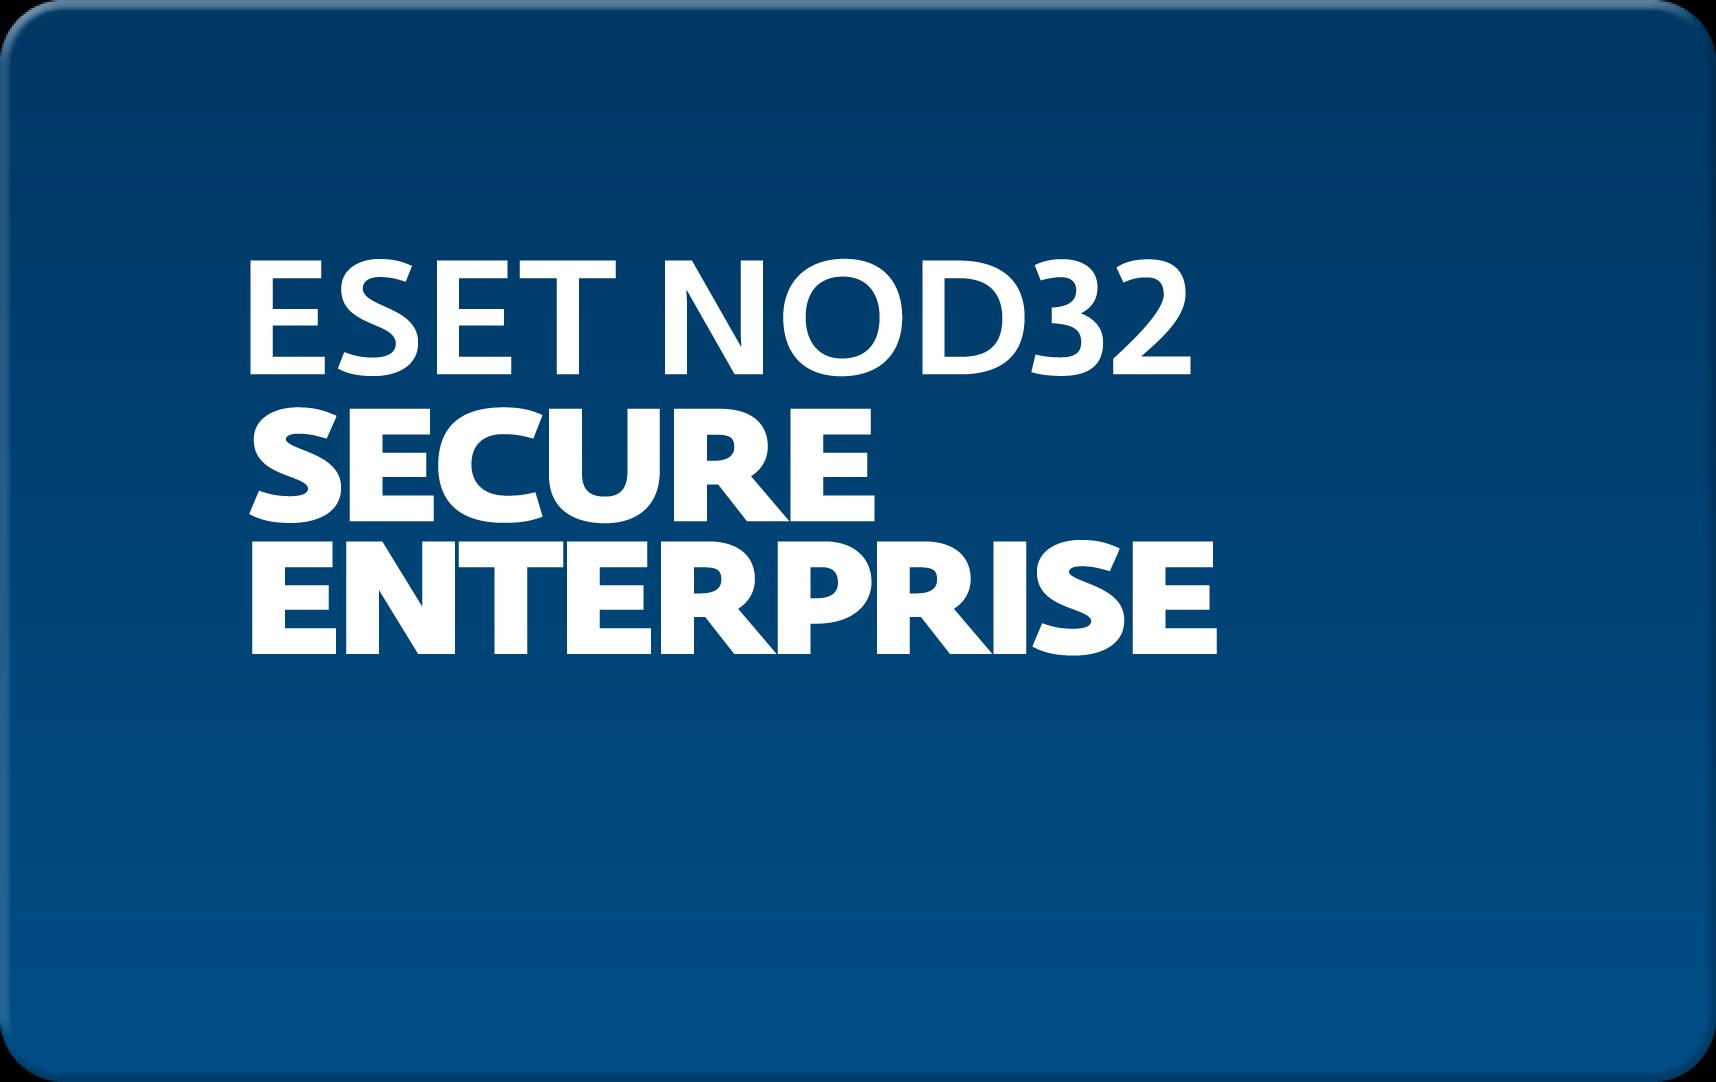 Кроссплатформенная антивирусная защита всех узлов корпоративной сети Eset NOD32 Secure Enterprise  для 82 пользователей